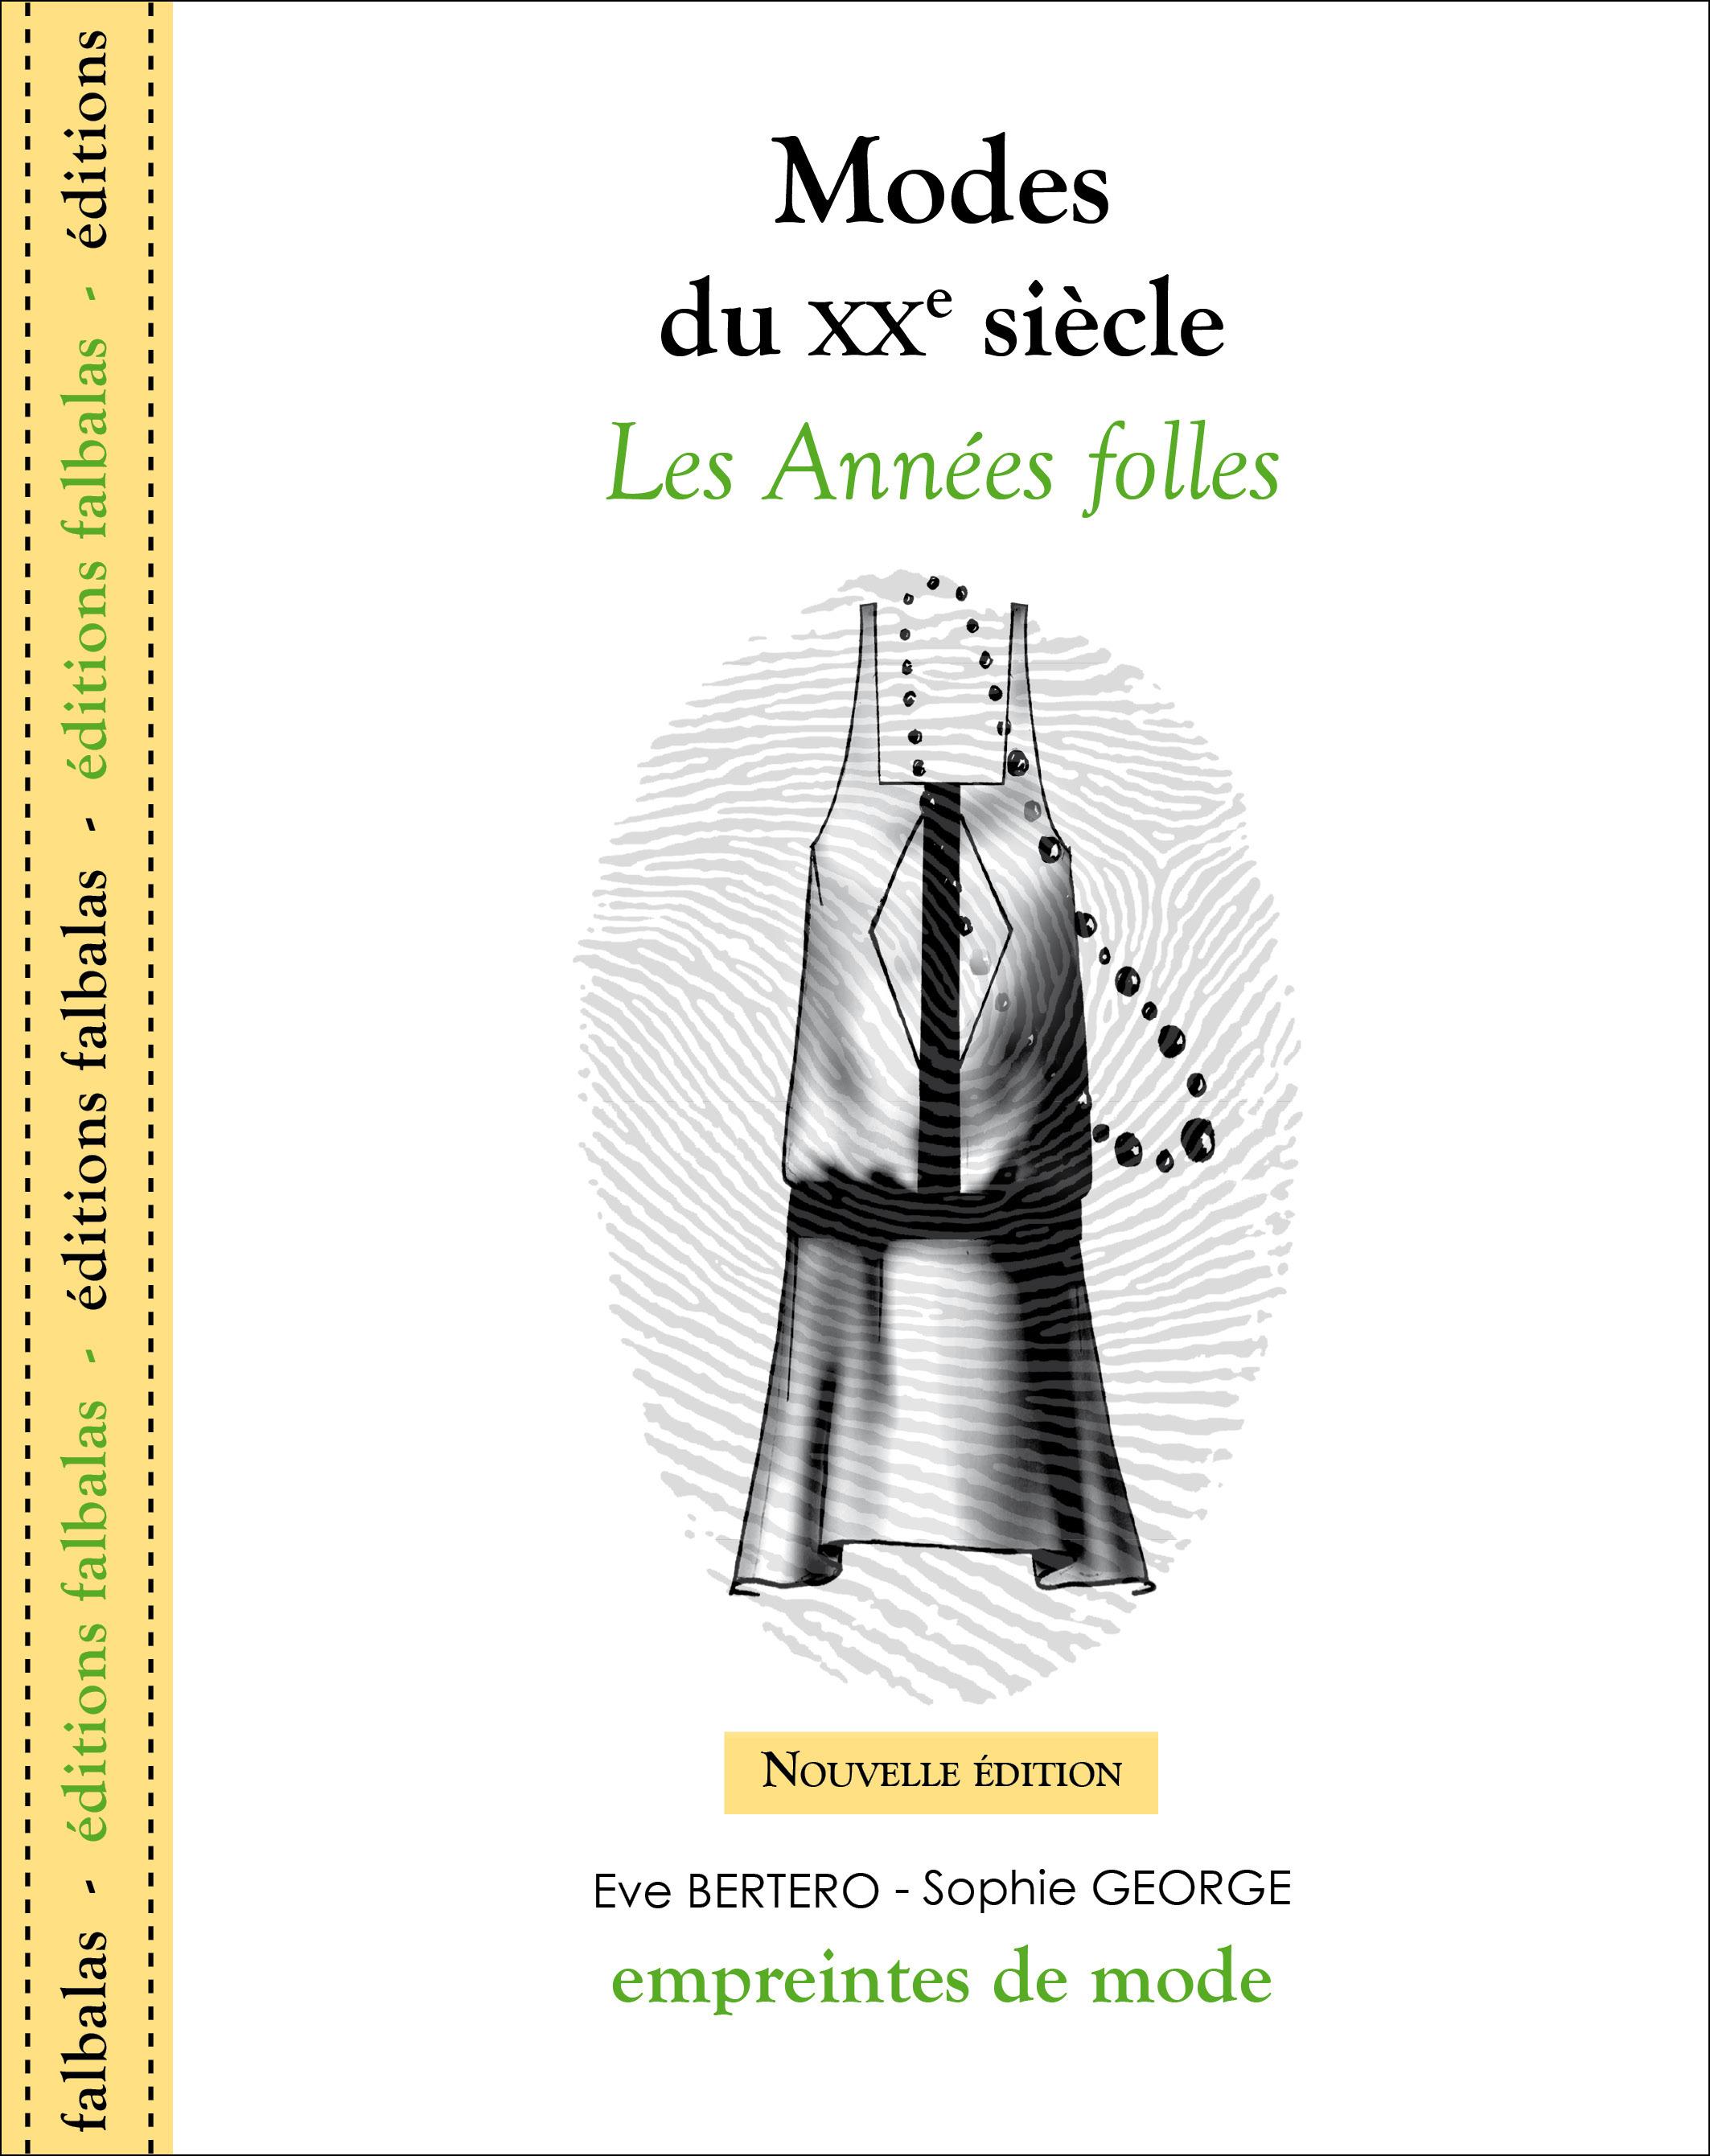 MODES DU XXE SIECLE - LES ANNEES FOLLES - NOUVELLE EDITION